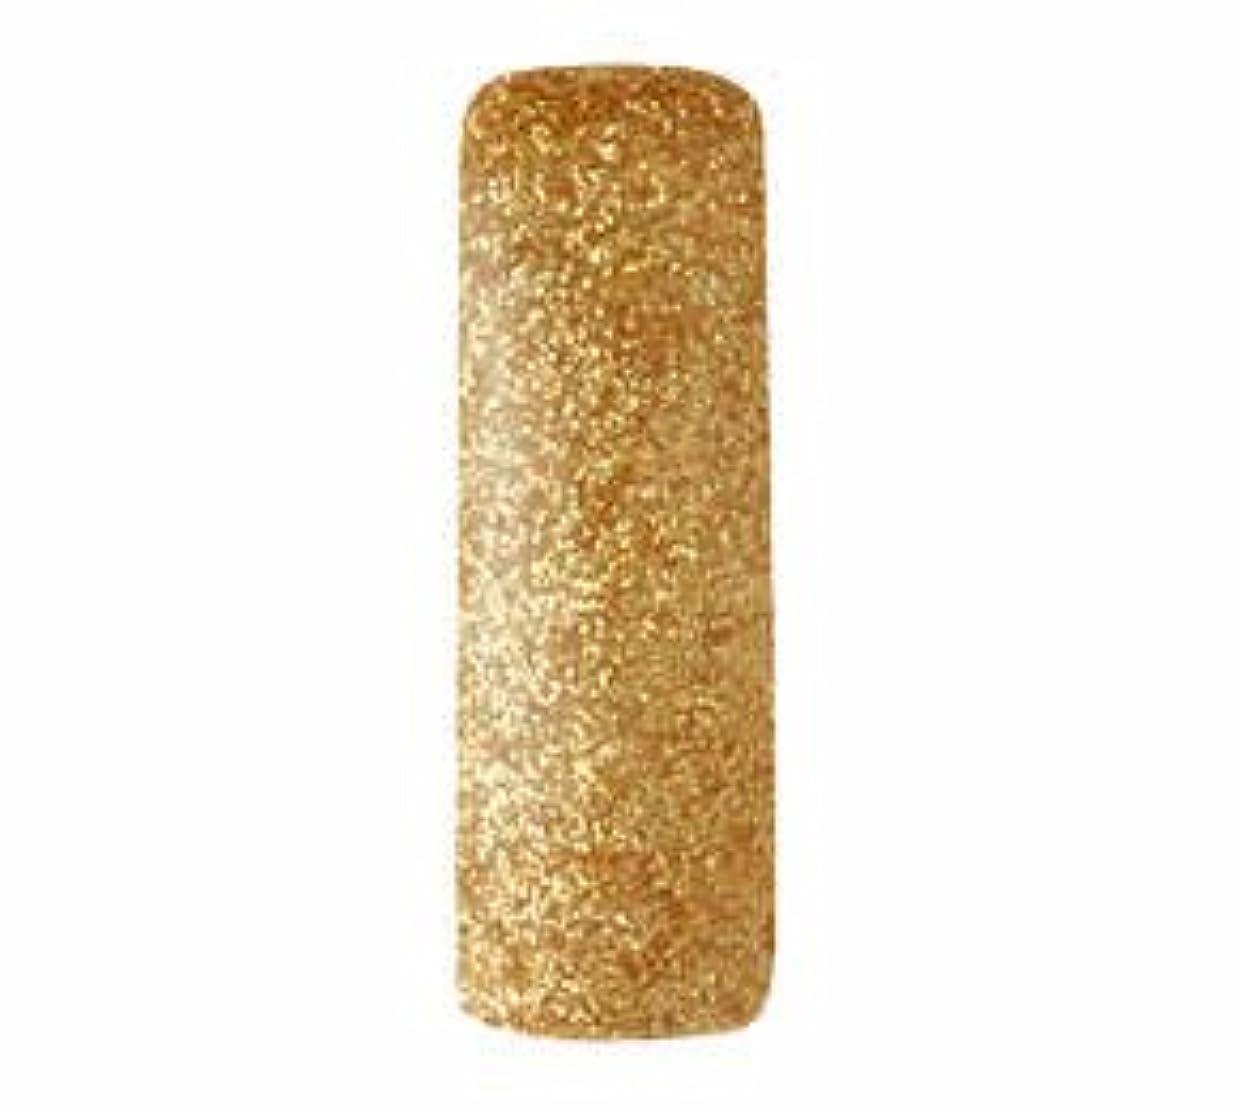 パケットイーウェル財産CHRISTRIO ジェラッカー 7.4ml 238 ゴールデンガール